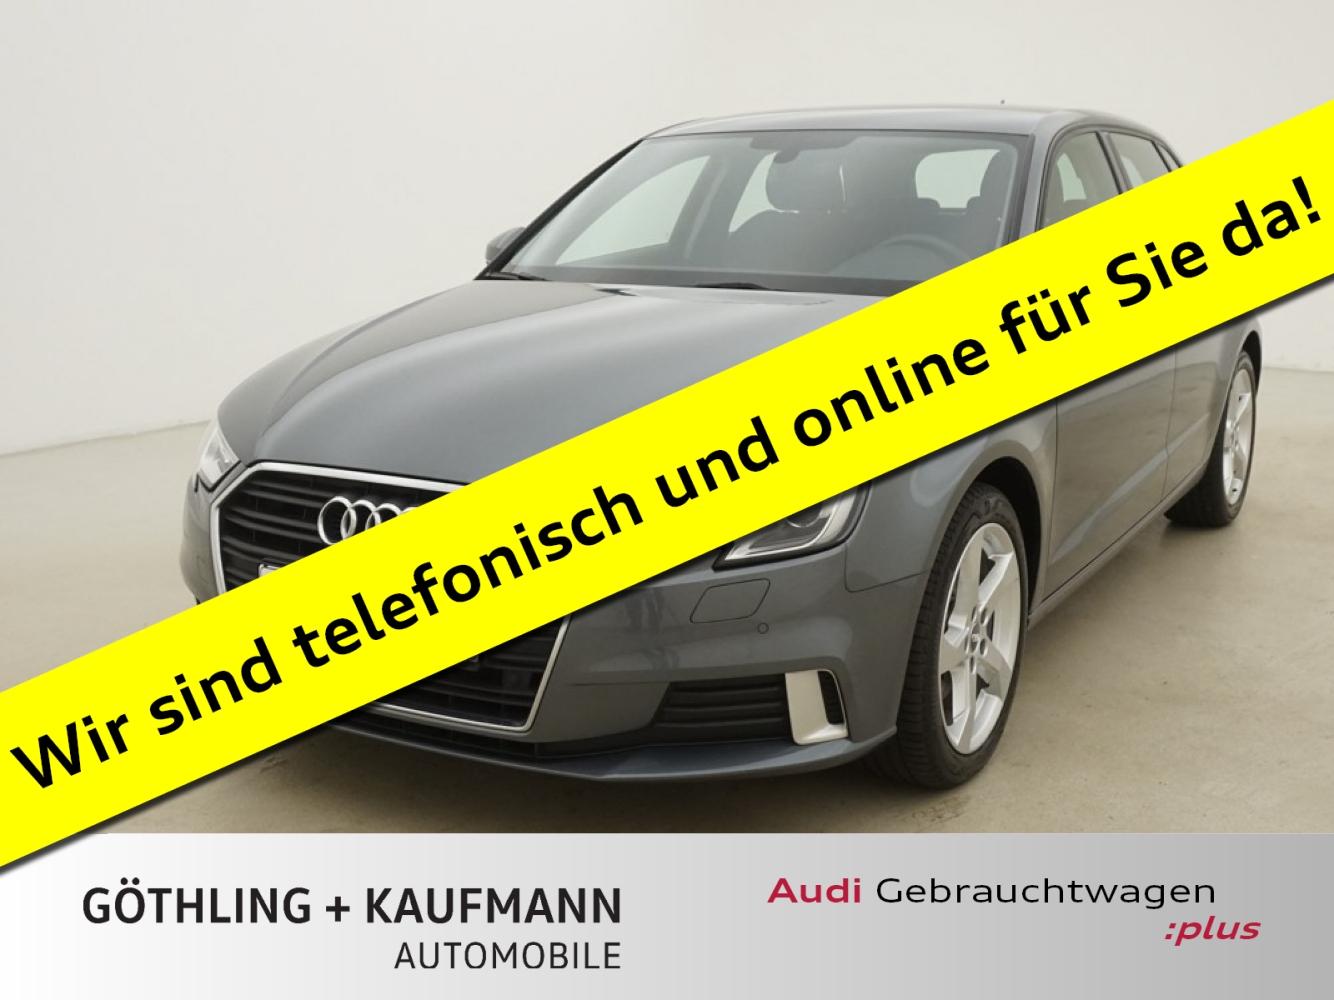 Audi A3 Sportback 1.6 TDI 85kW*Navi*Xenon+*PDC+*SHZ*M, Jahr 2017, Diesel